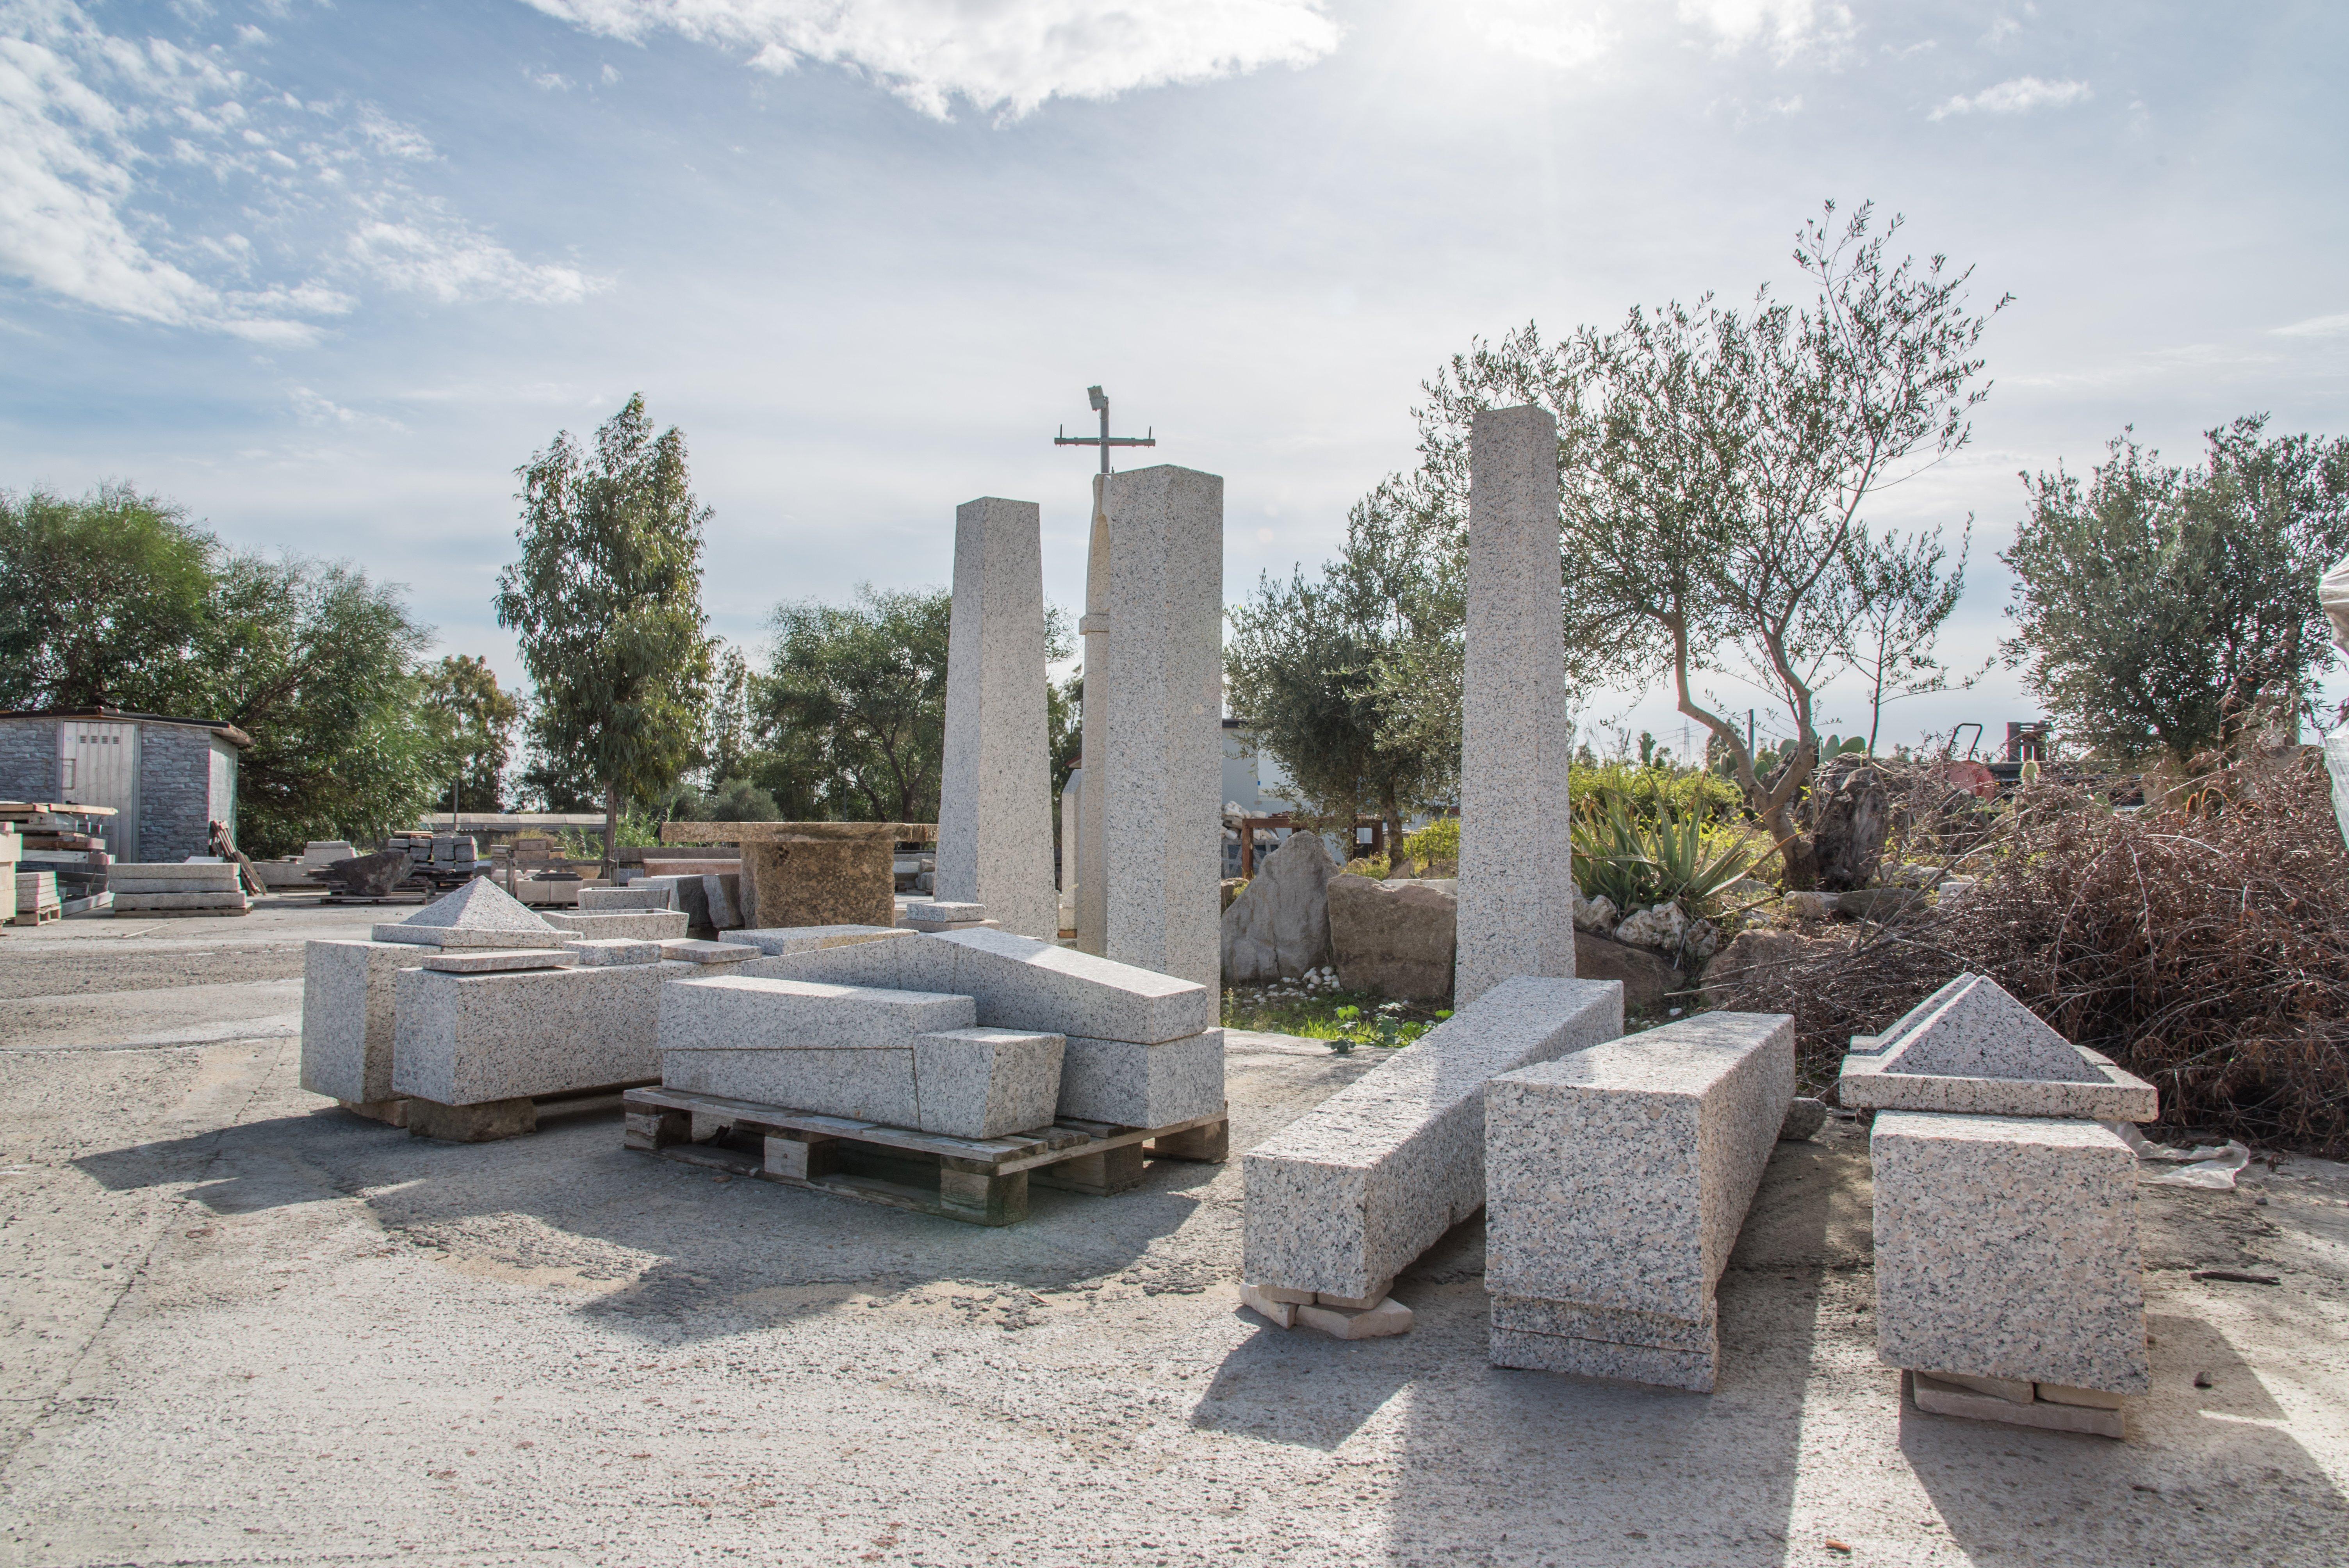 Pilastri e fontane in granito